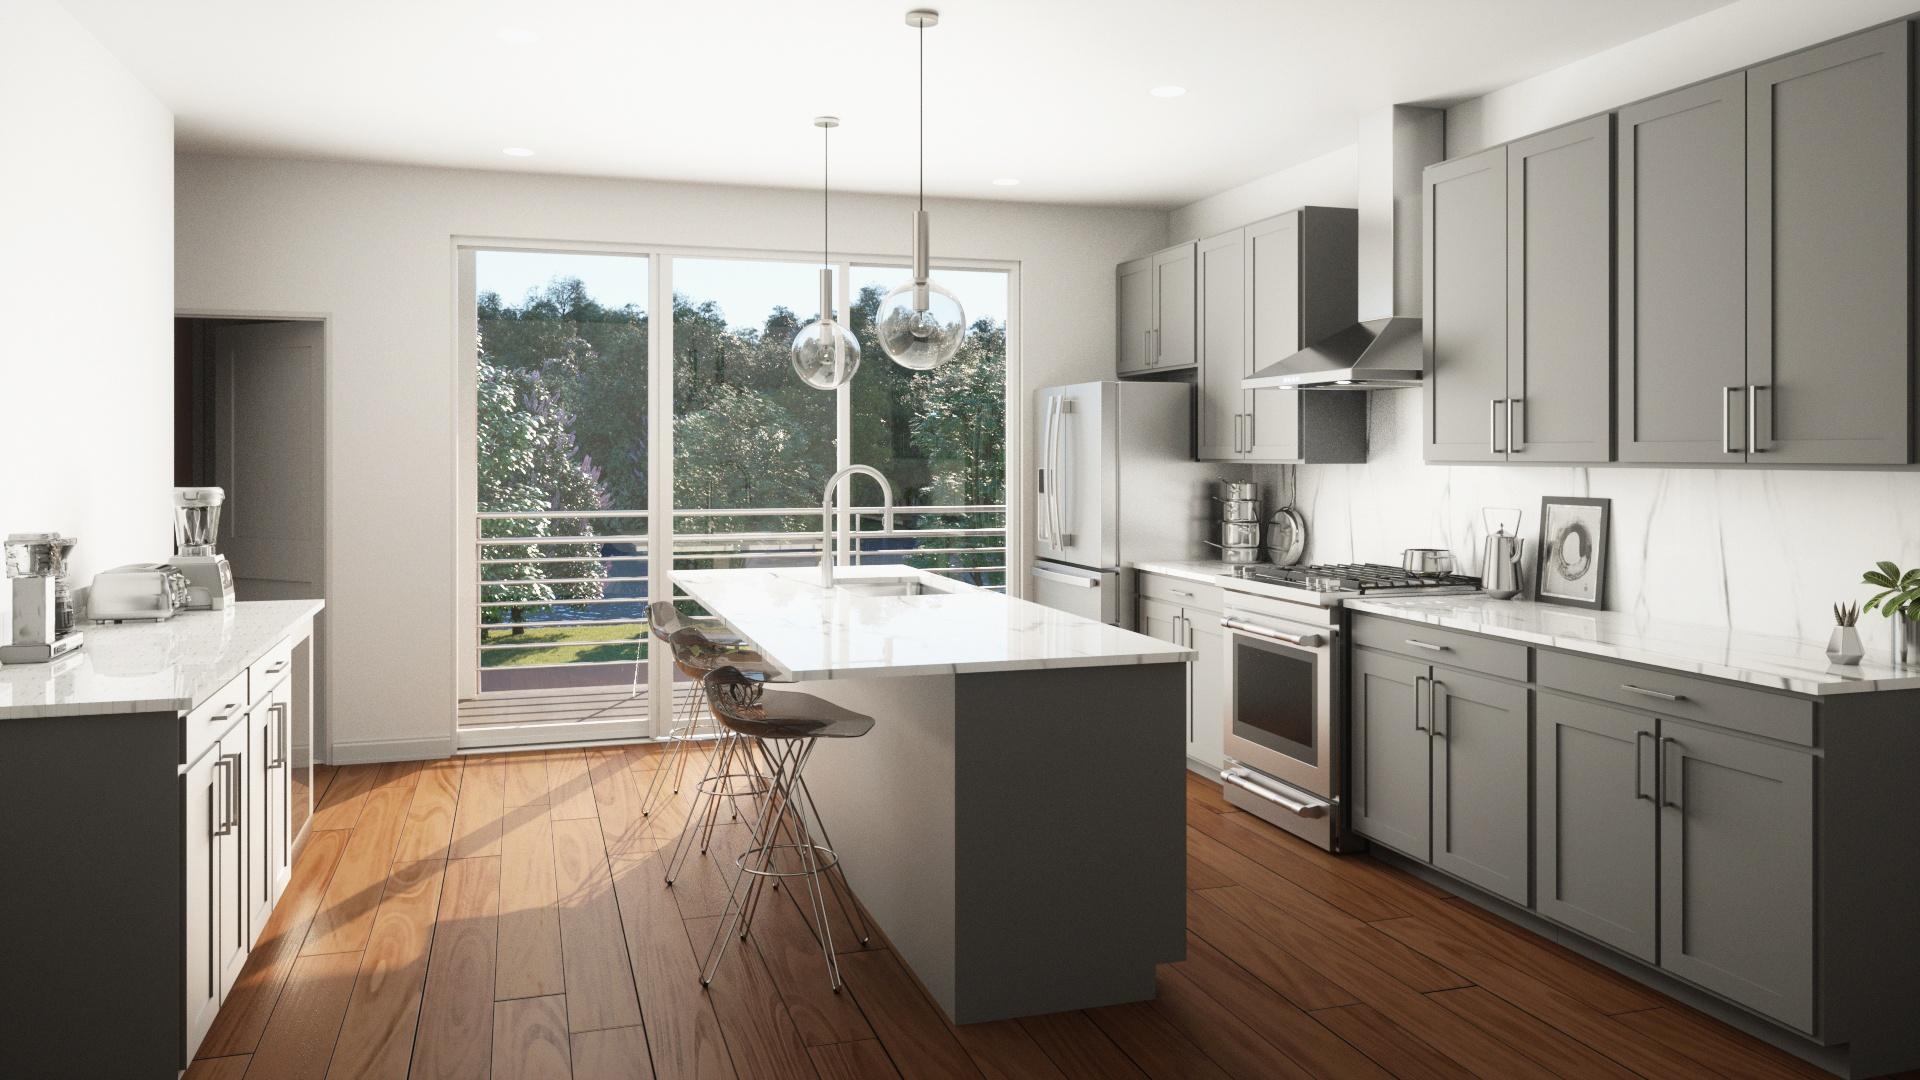 17096200-Overlook_Interior_P3_Kitchen Option 3